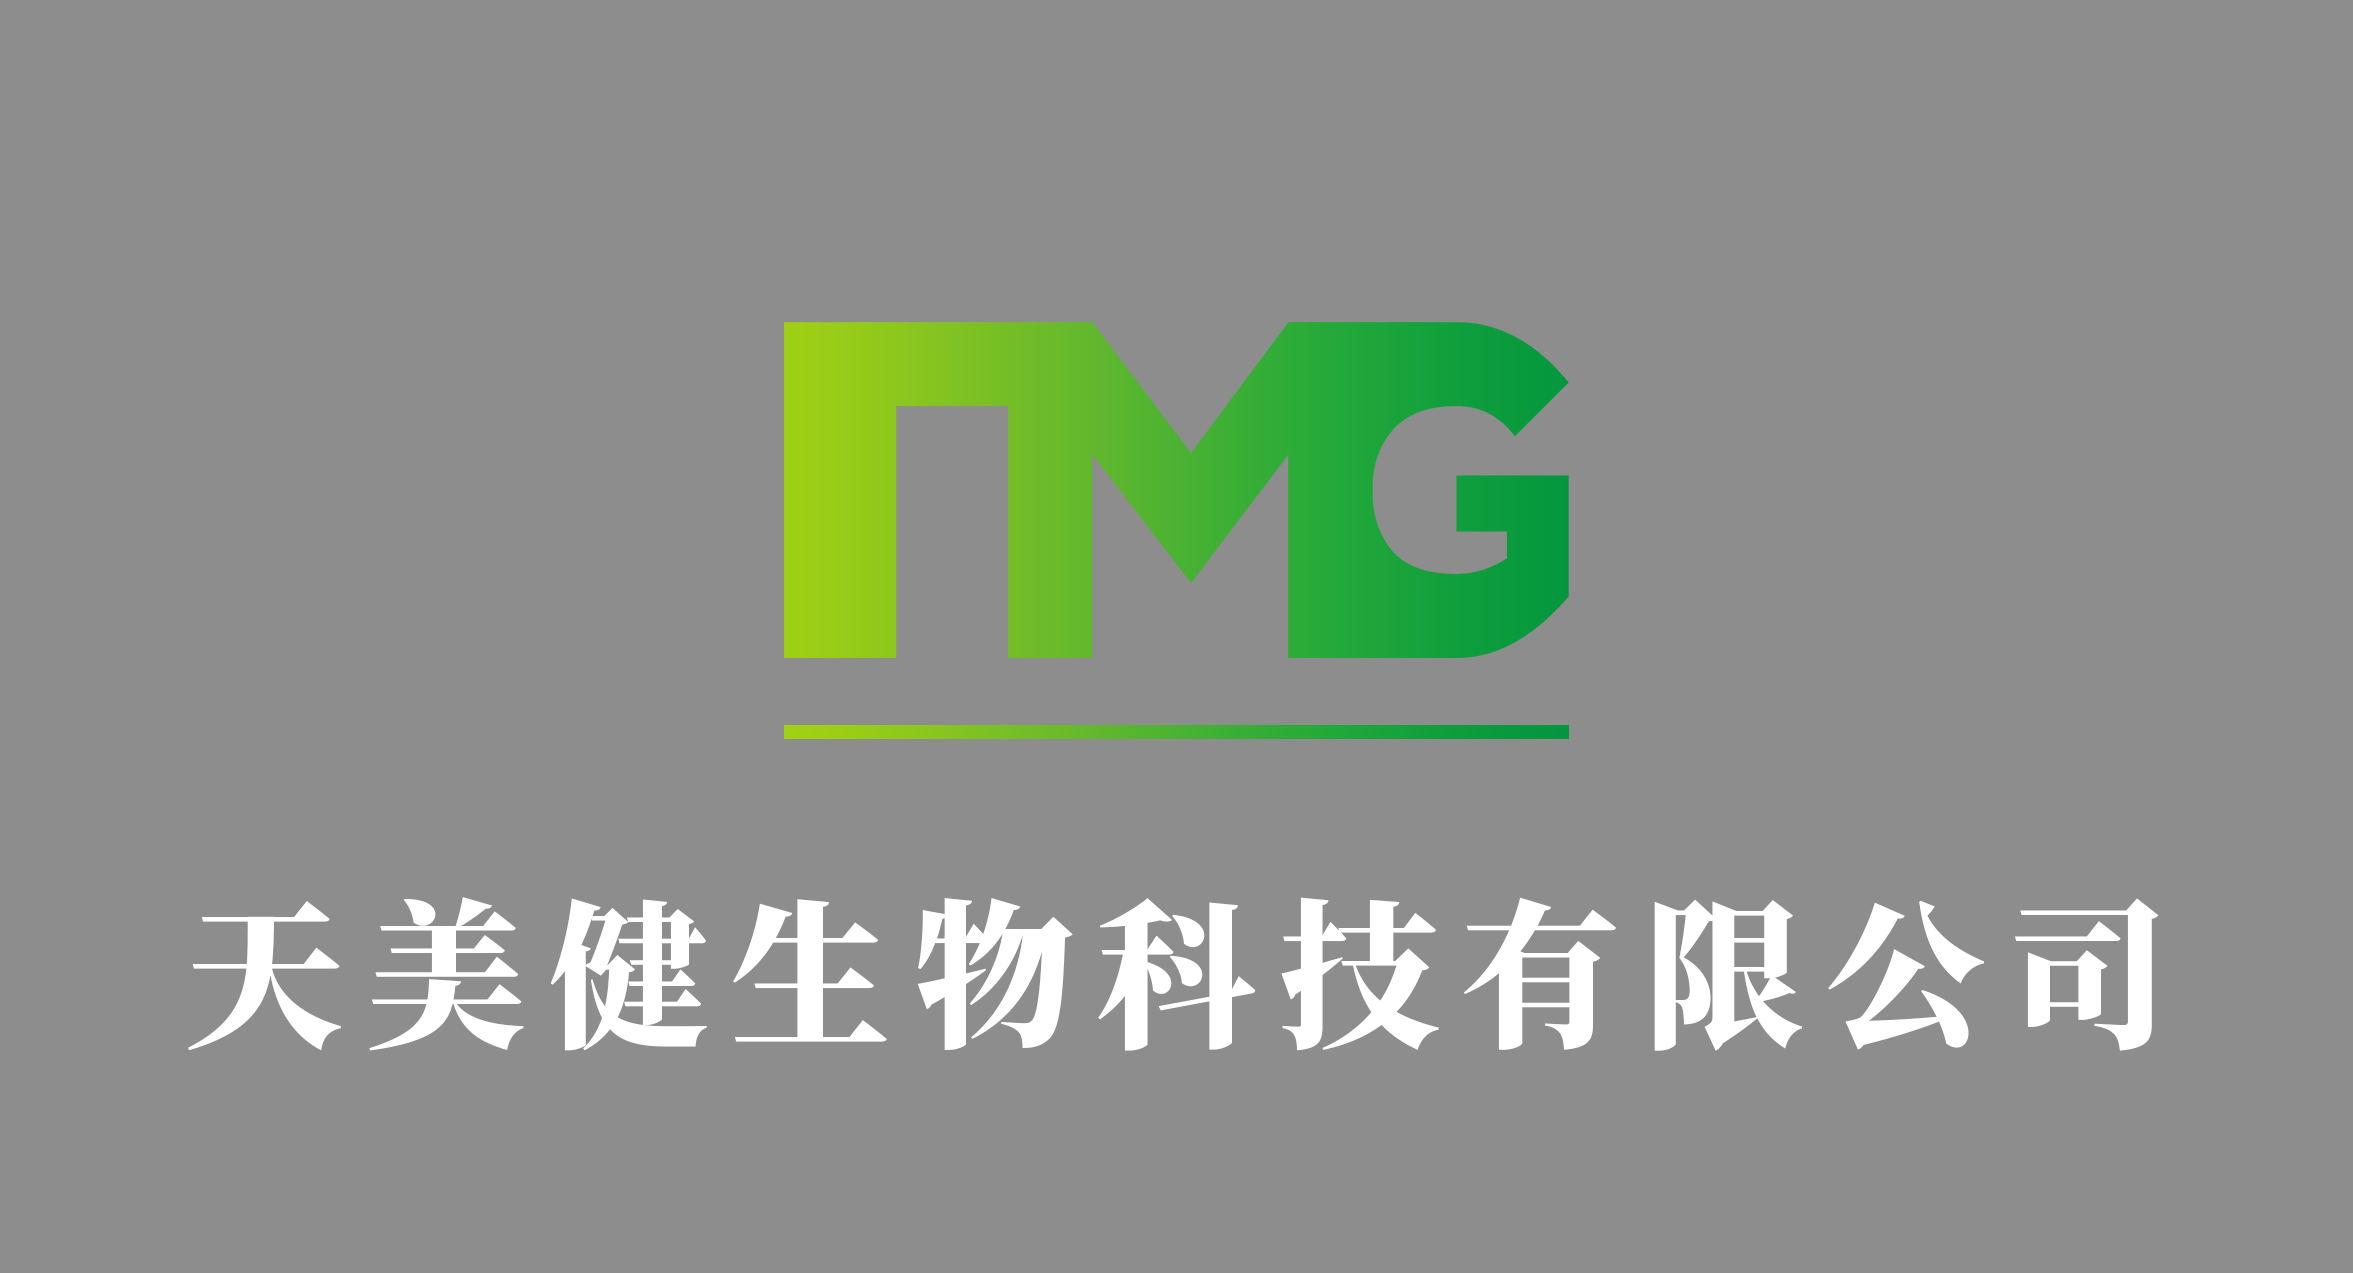 扬州天美健生物科技有限公司